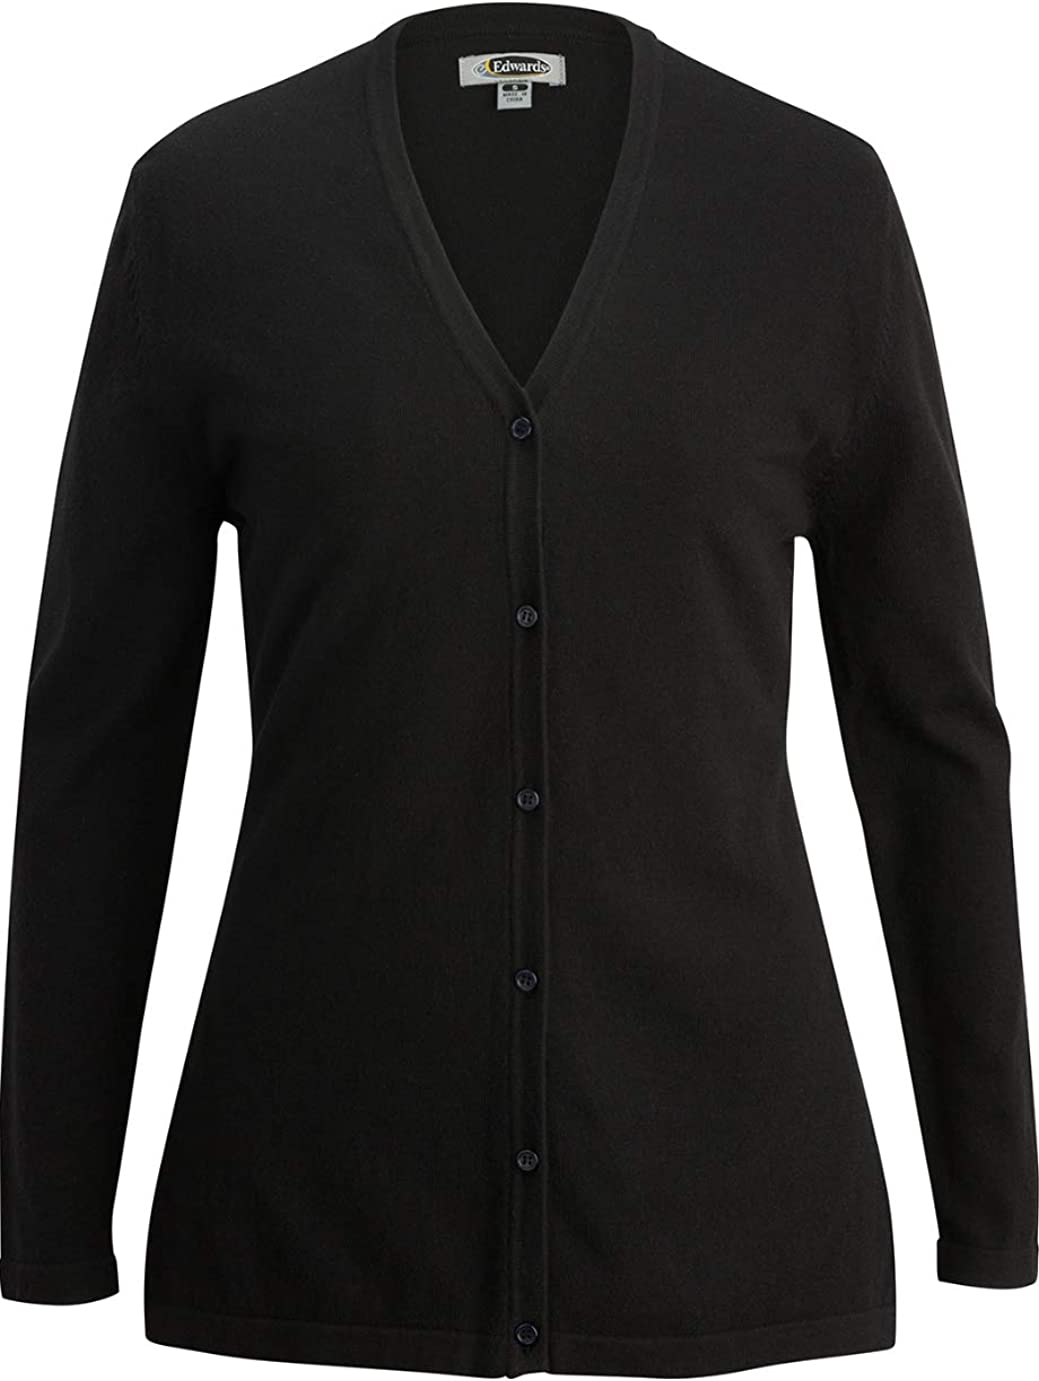 Edwards Ladies' V-Neck Long Cardigan Sweater